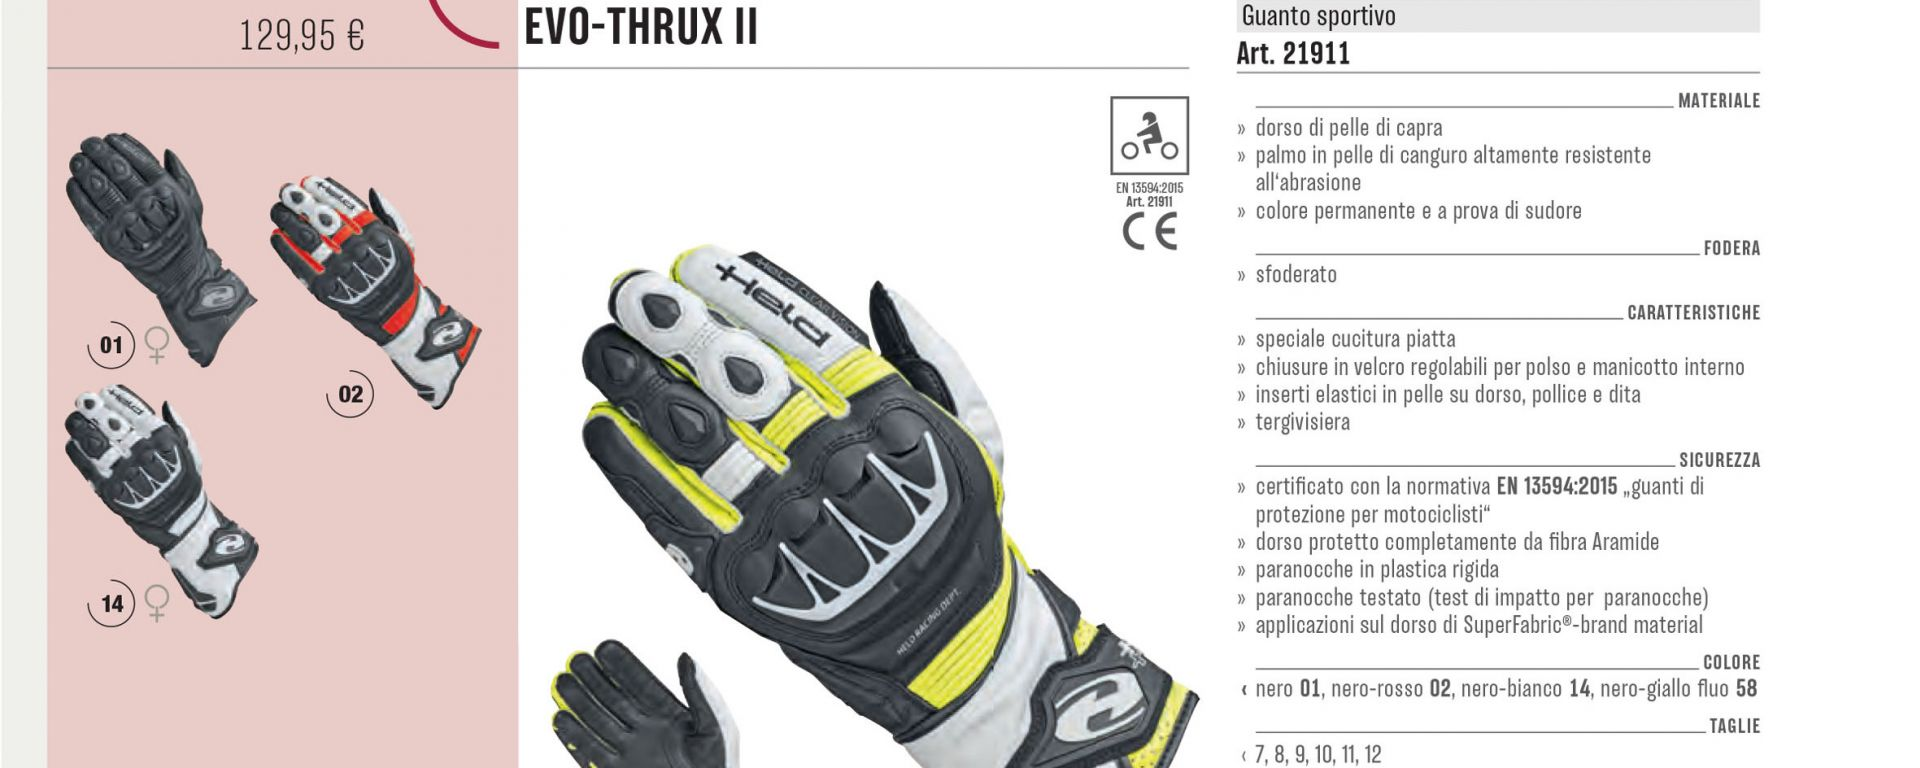 Held Evo Thrux II